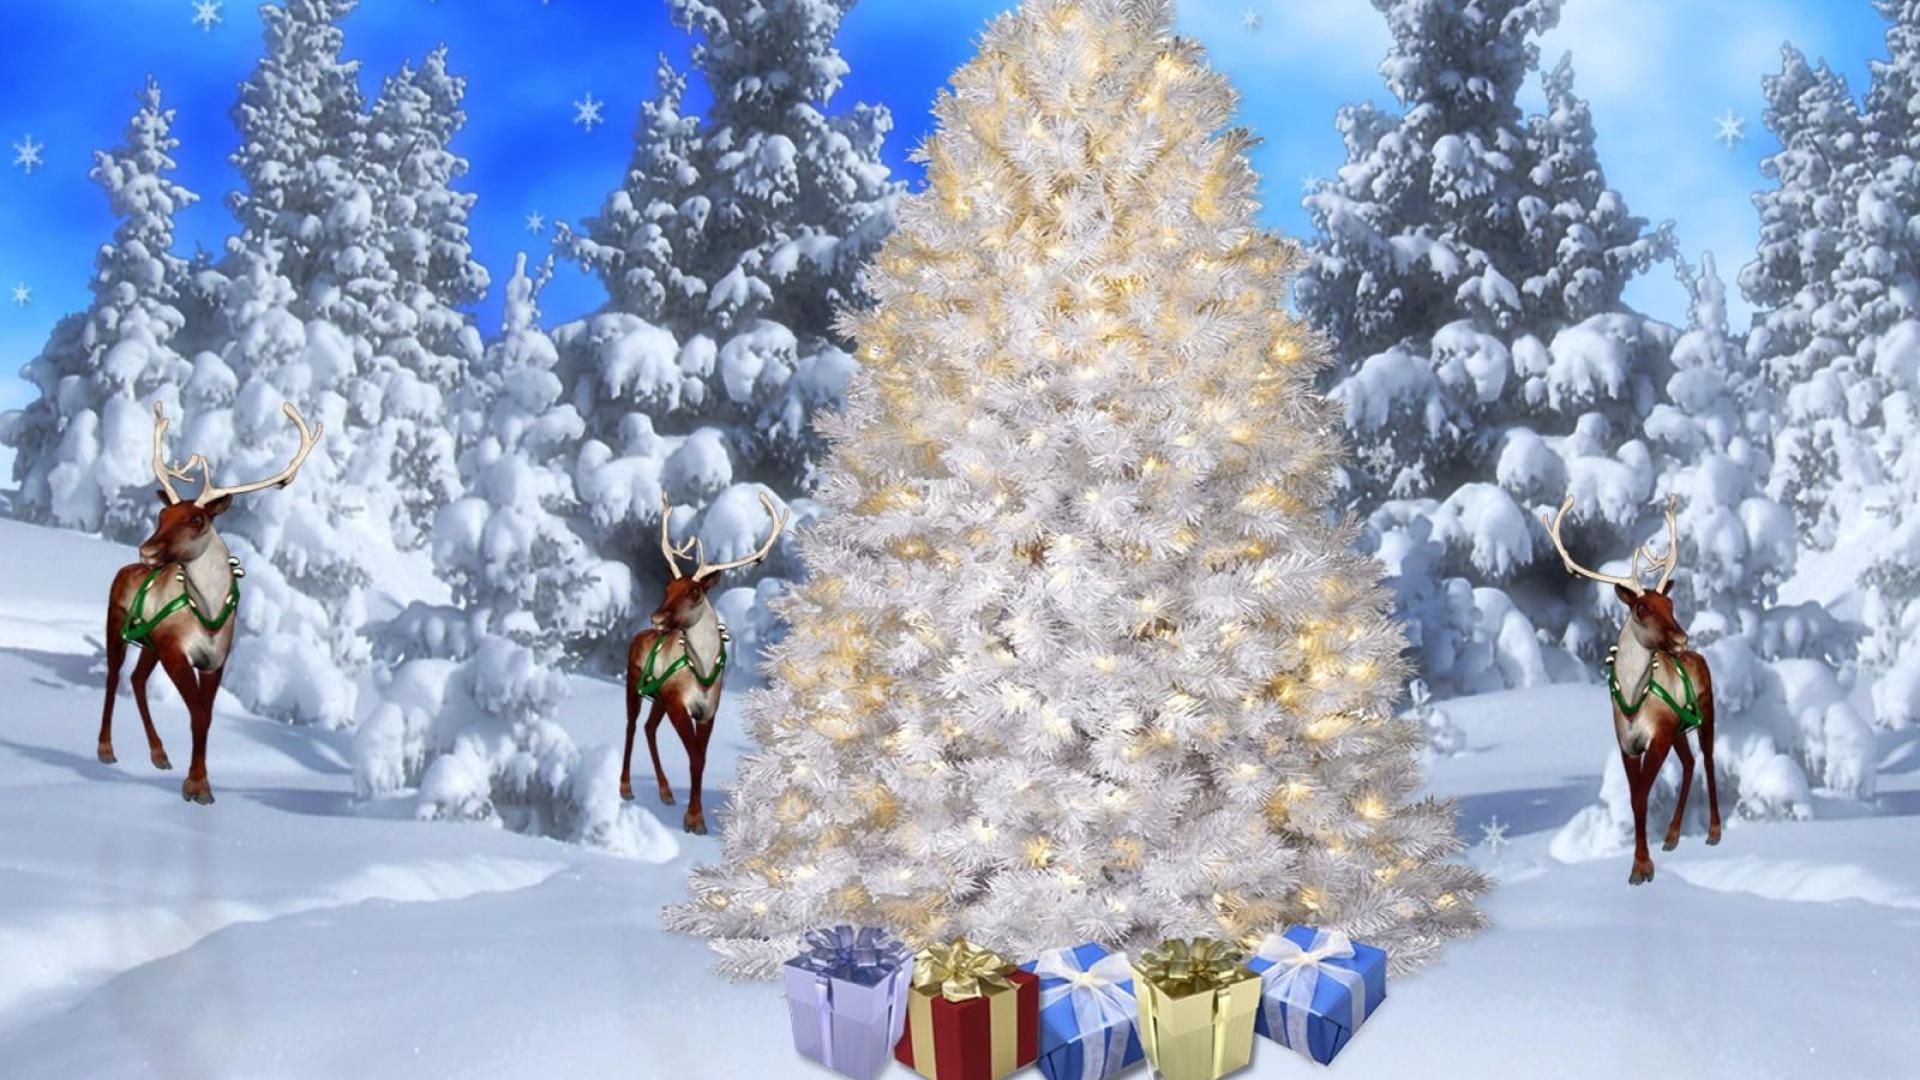 Снежинка векторные широкоформатные 33 обои 1440x900 обои - снежинка векторные широкоформатные обои - искусство обои